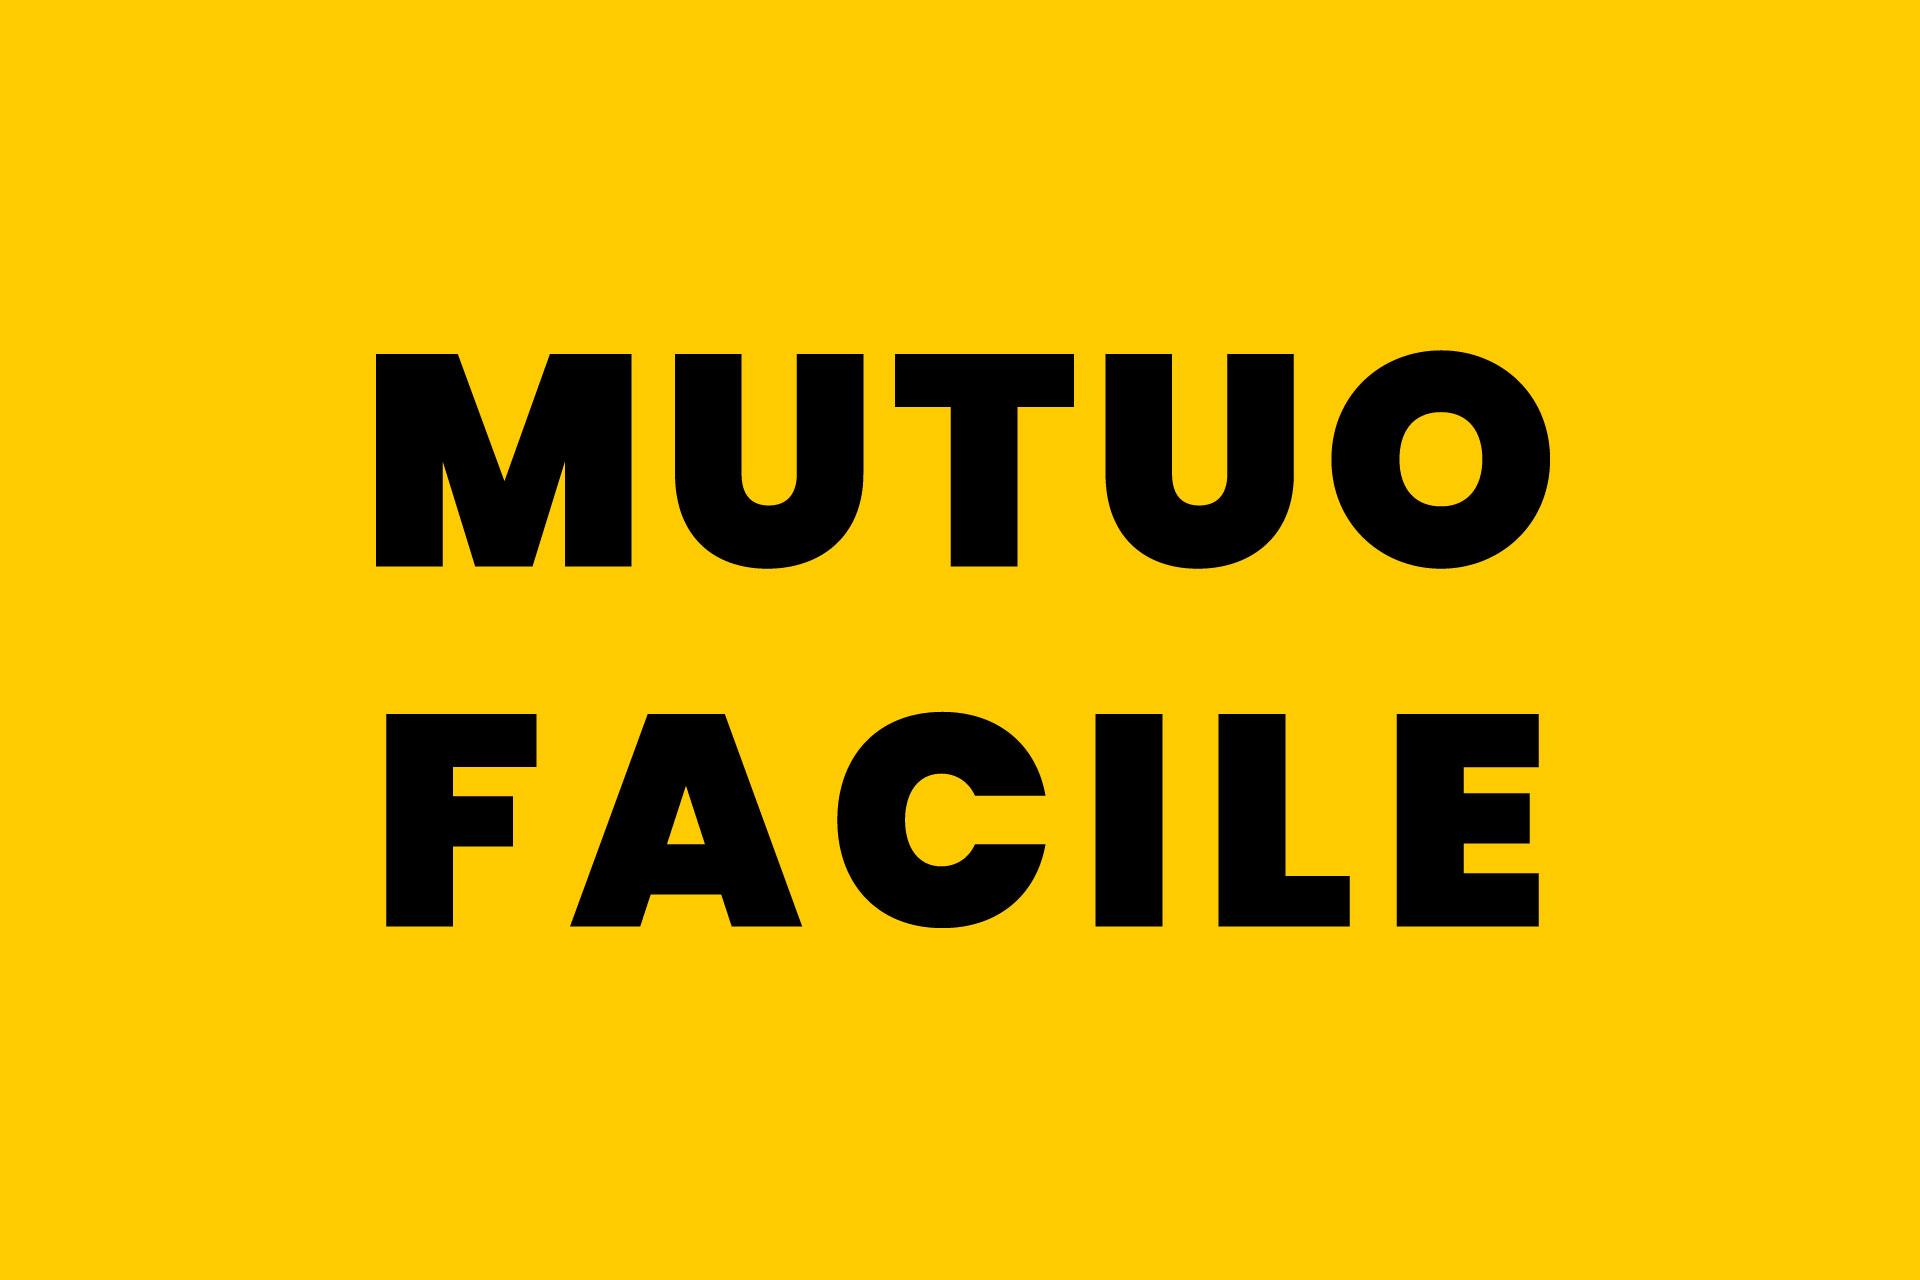 financial-mutui-varese-credito-immobiliare-carousel-3-mutuo-facile-design-©-2021-diego-cinquegrana-aimaproject-sa